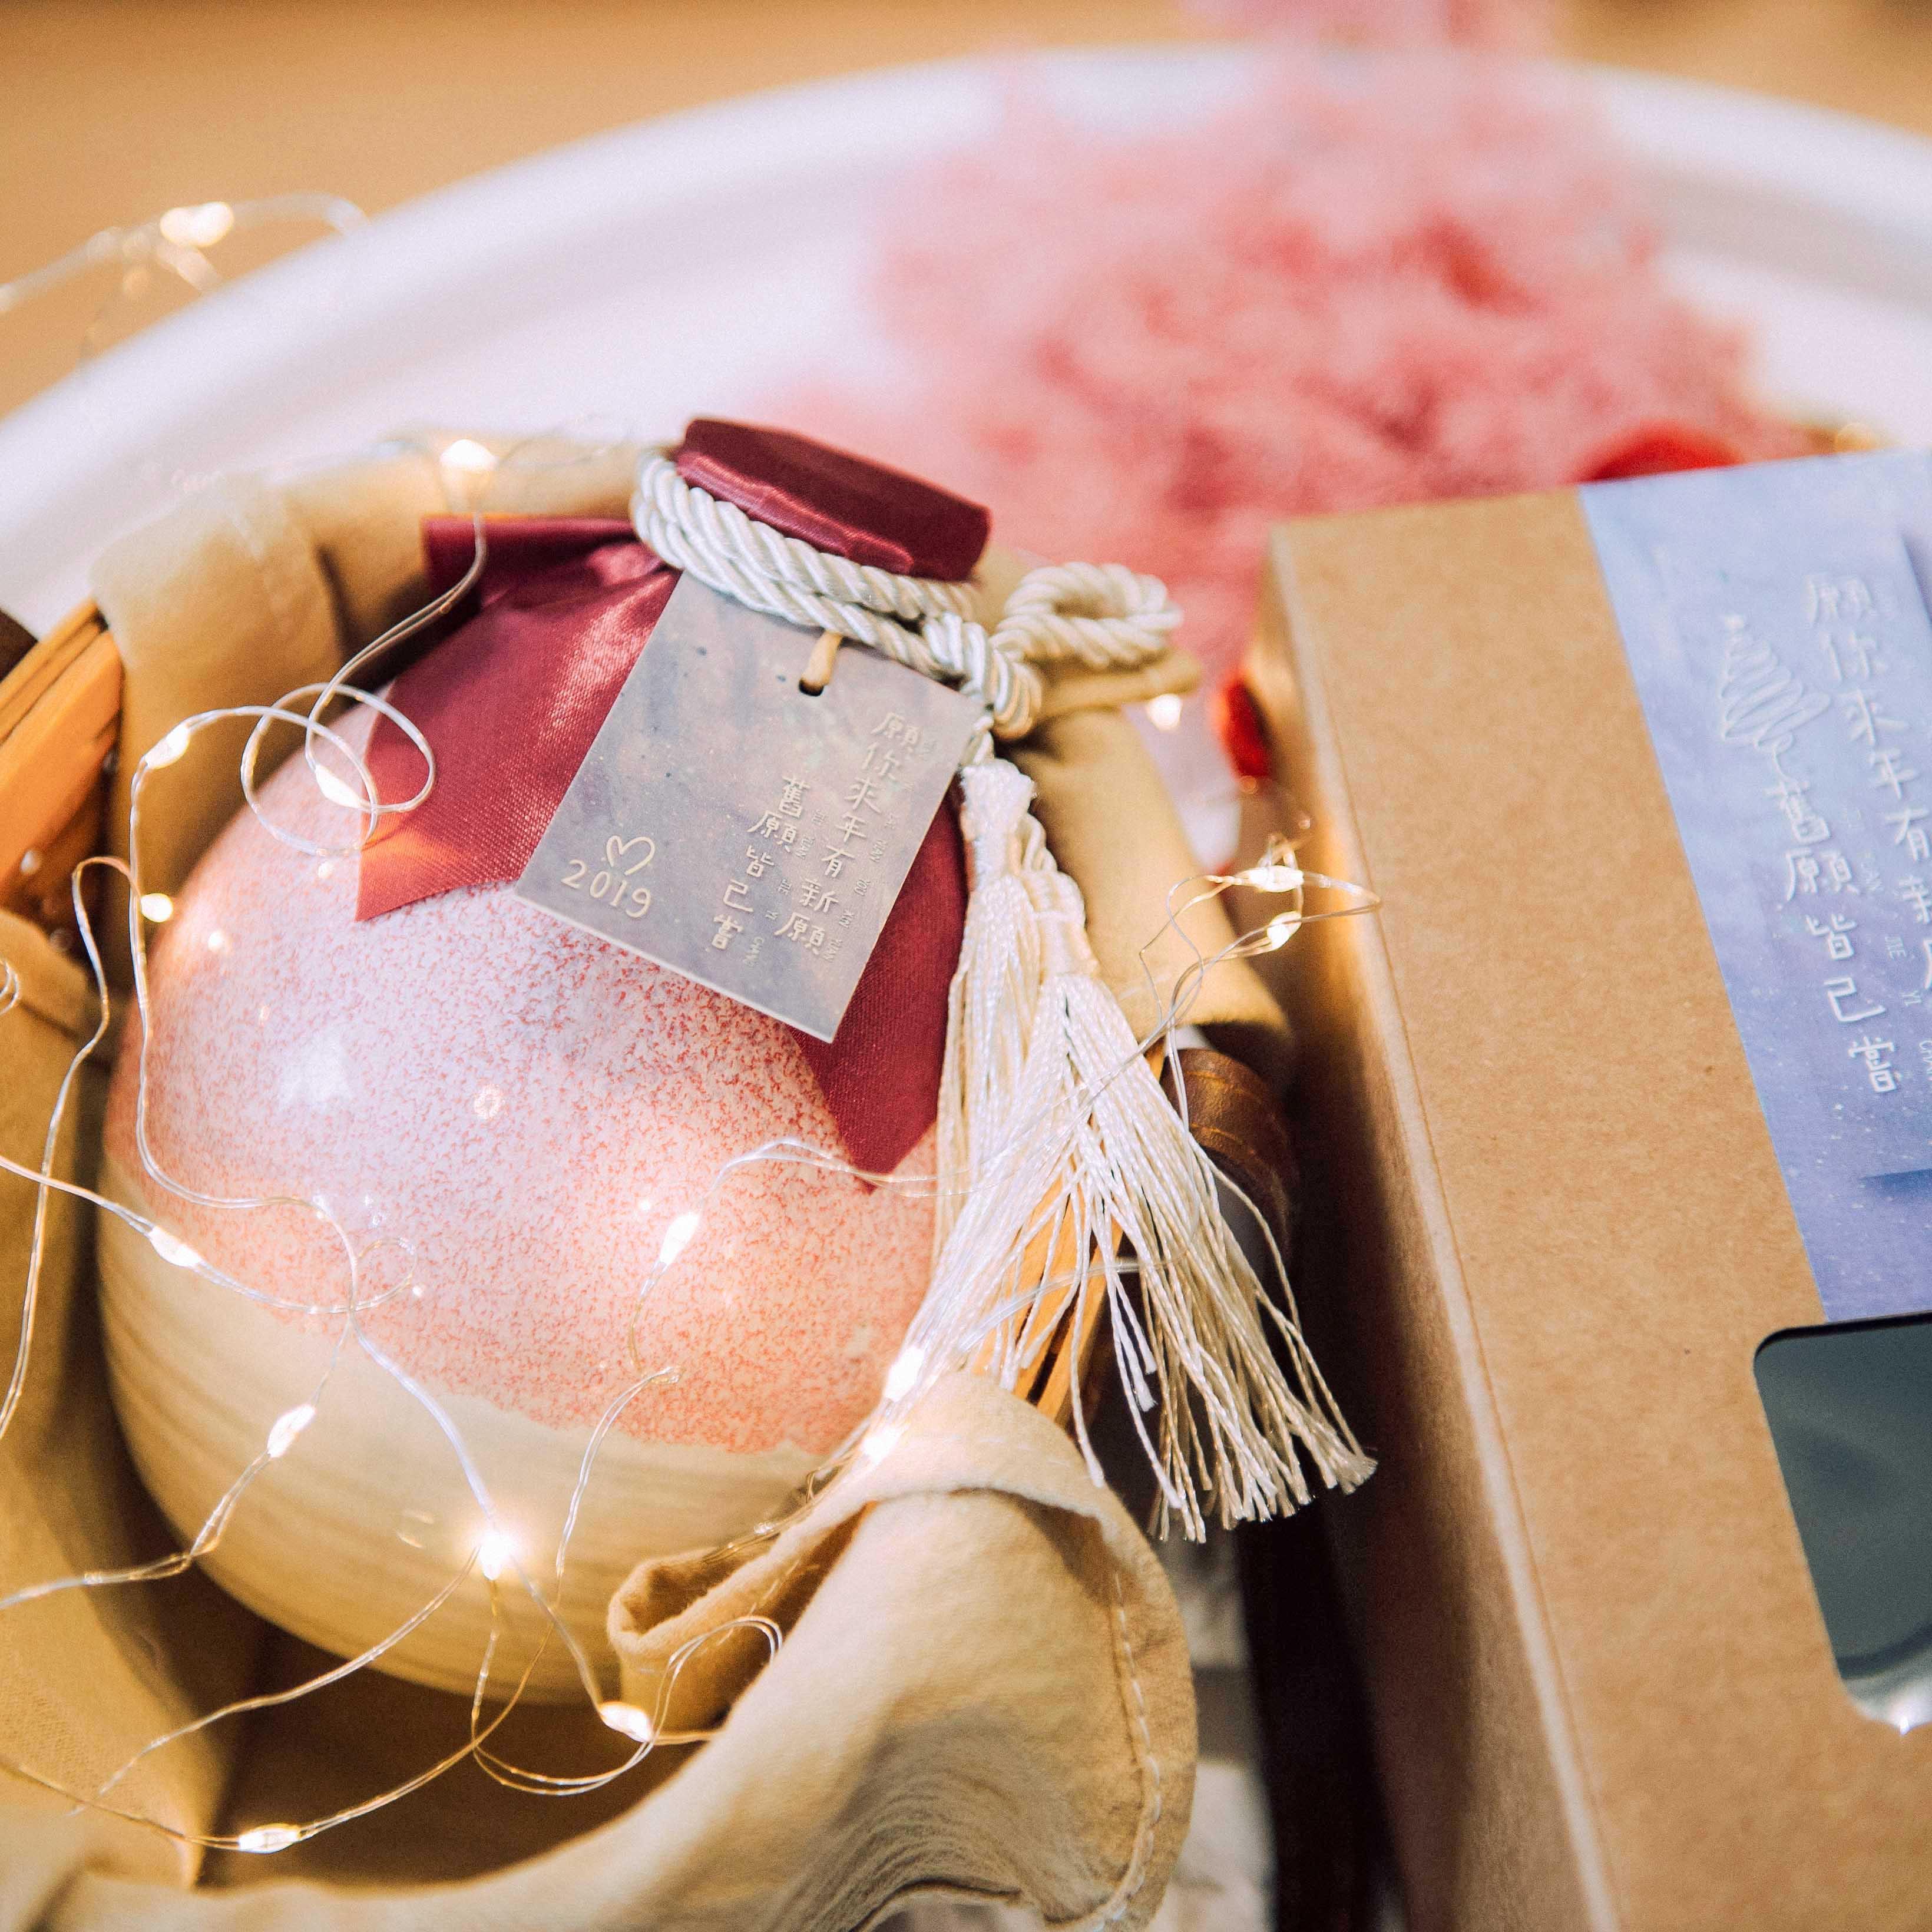 务古风创意中秋节礼物一壶小事定制酒礼盒爸爸男朋友生日送长辈商